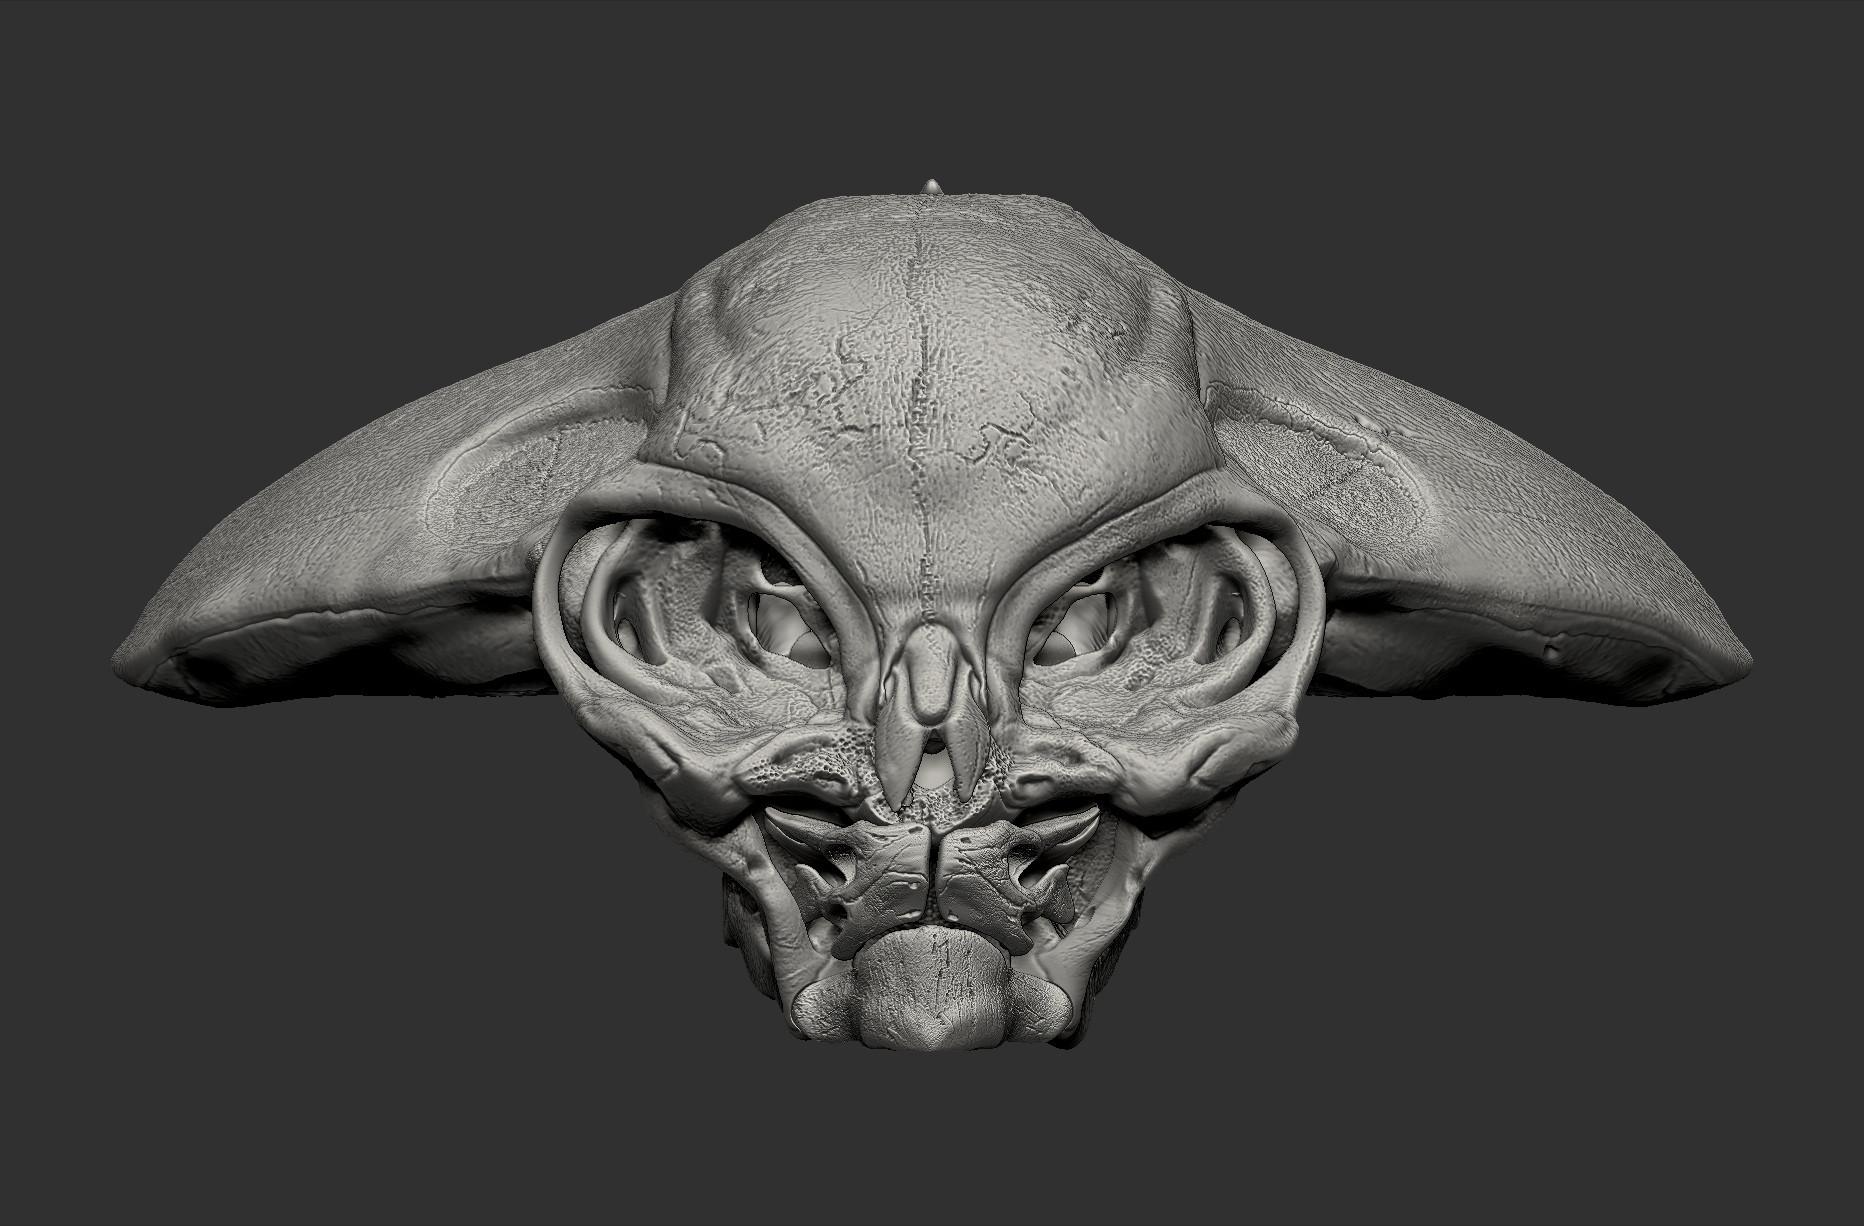 Derek pendleton alienskull frontview dp